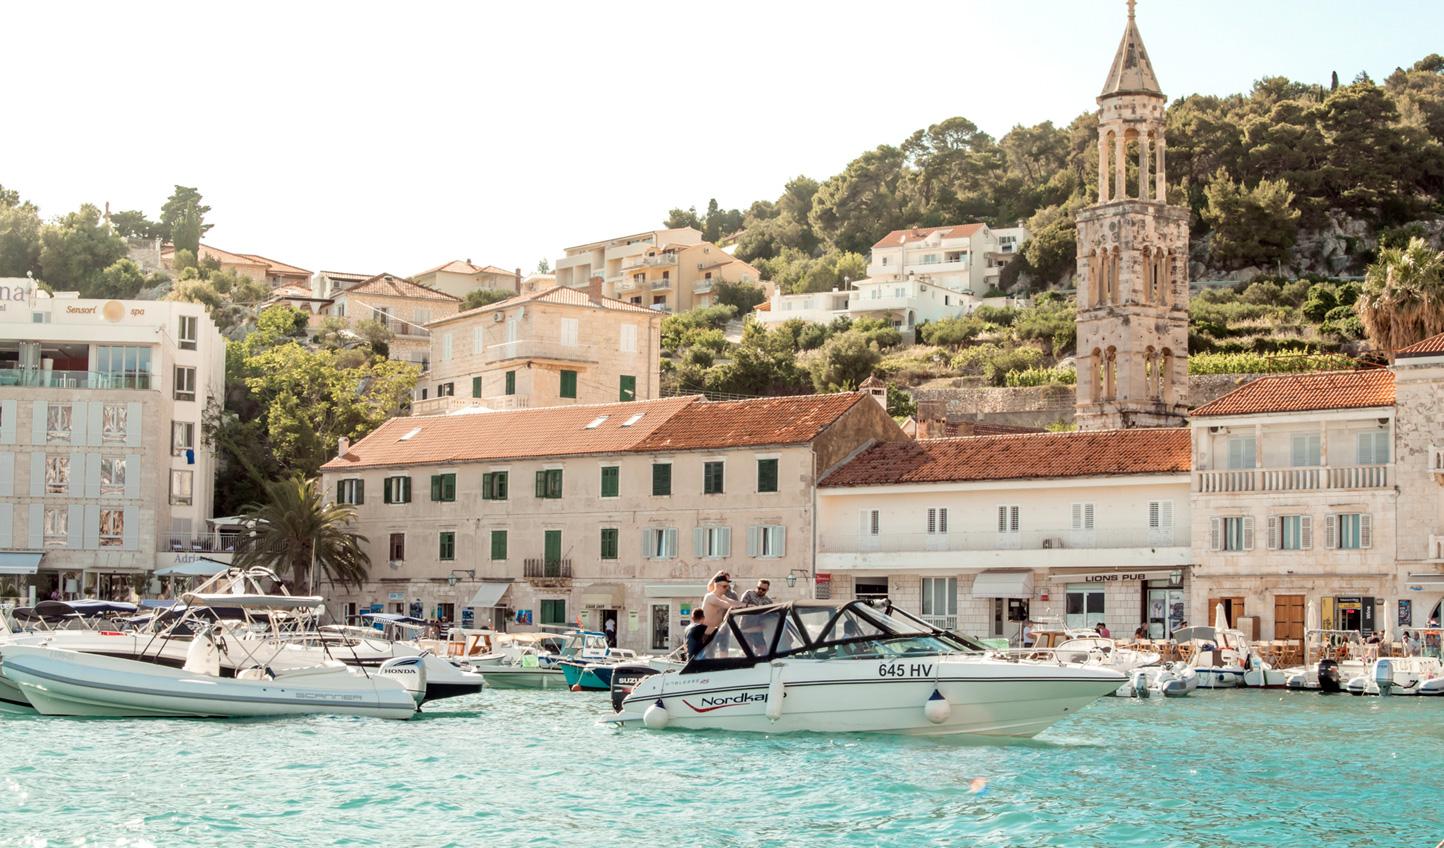 Sail into your next port of call: Hvar